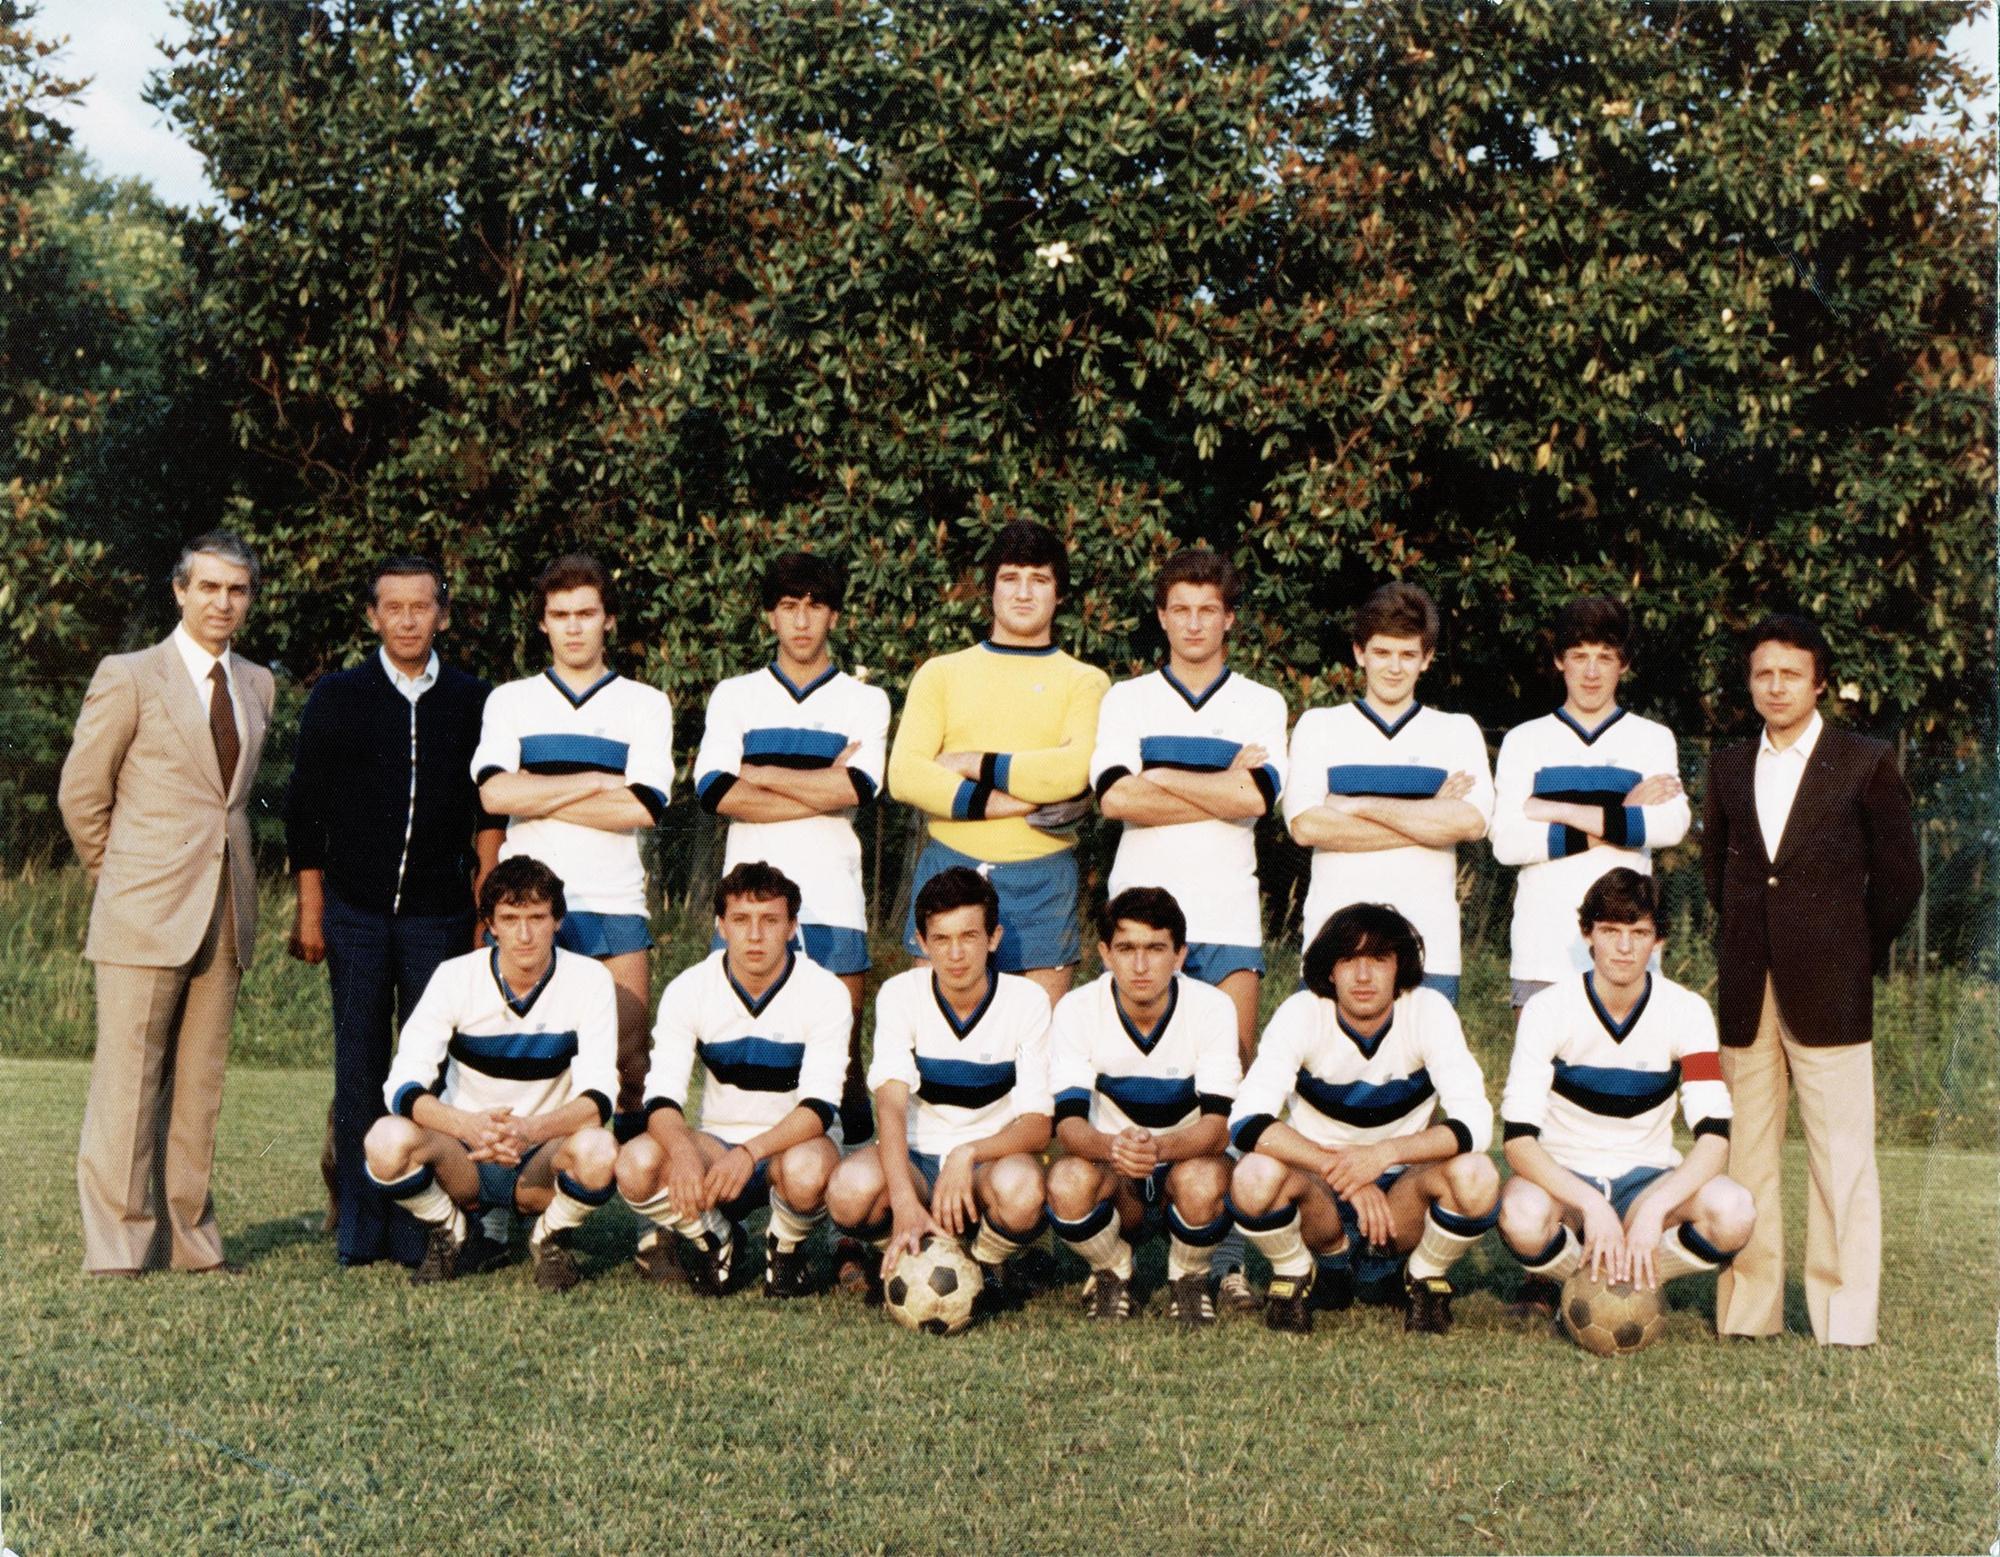 1978/79, U.S. Condor squadra Juniores.